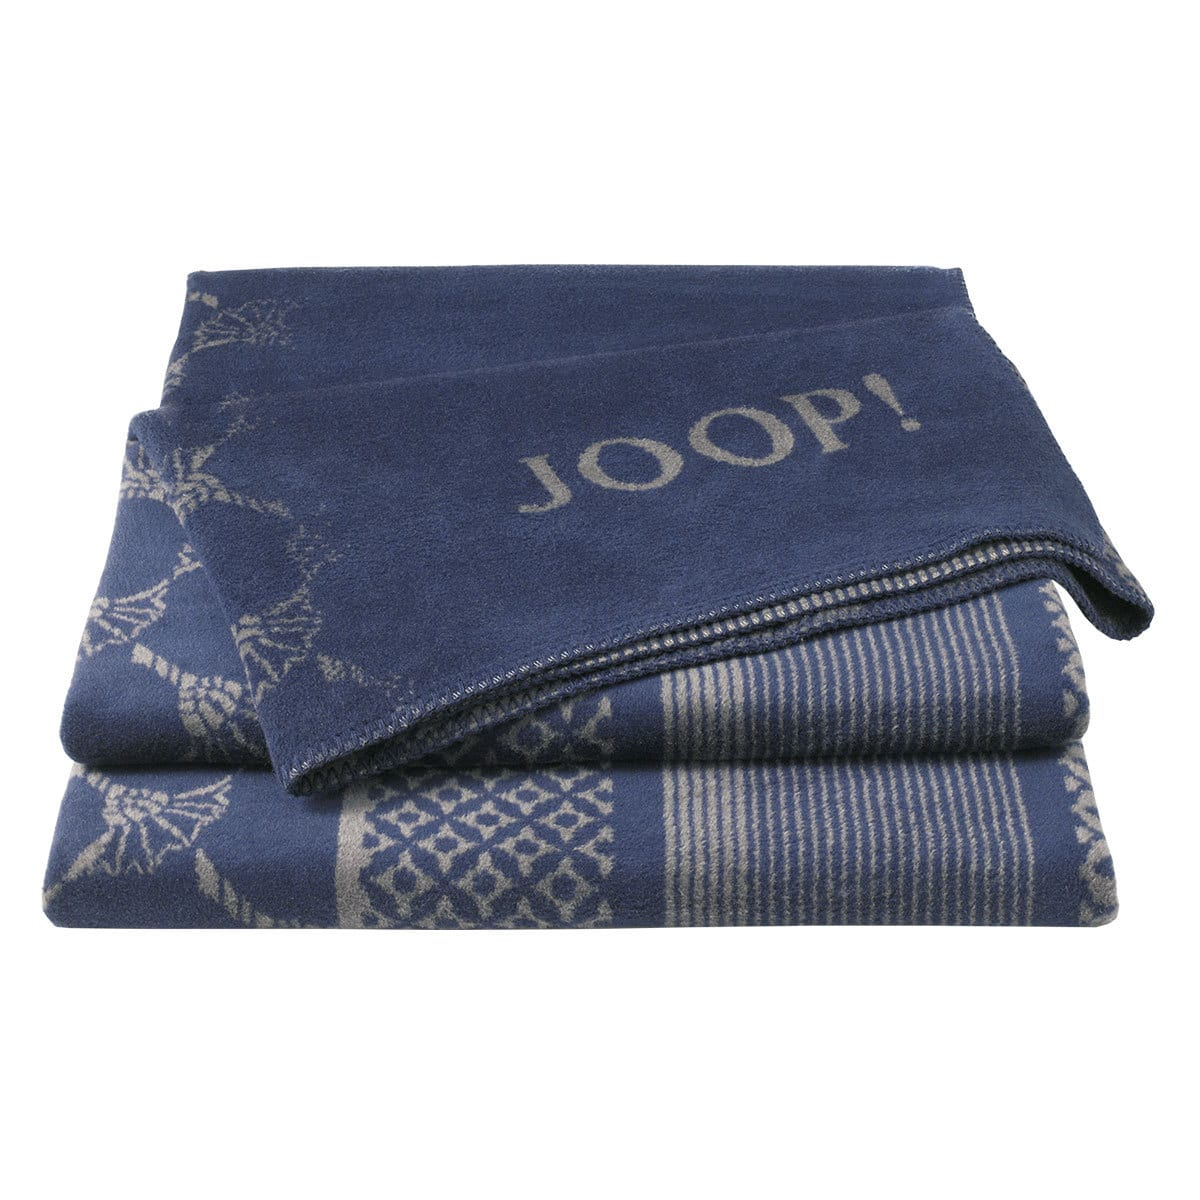 JOOP Wohndecke Cornflower Stripes Marino-Schiefer